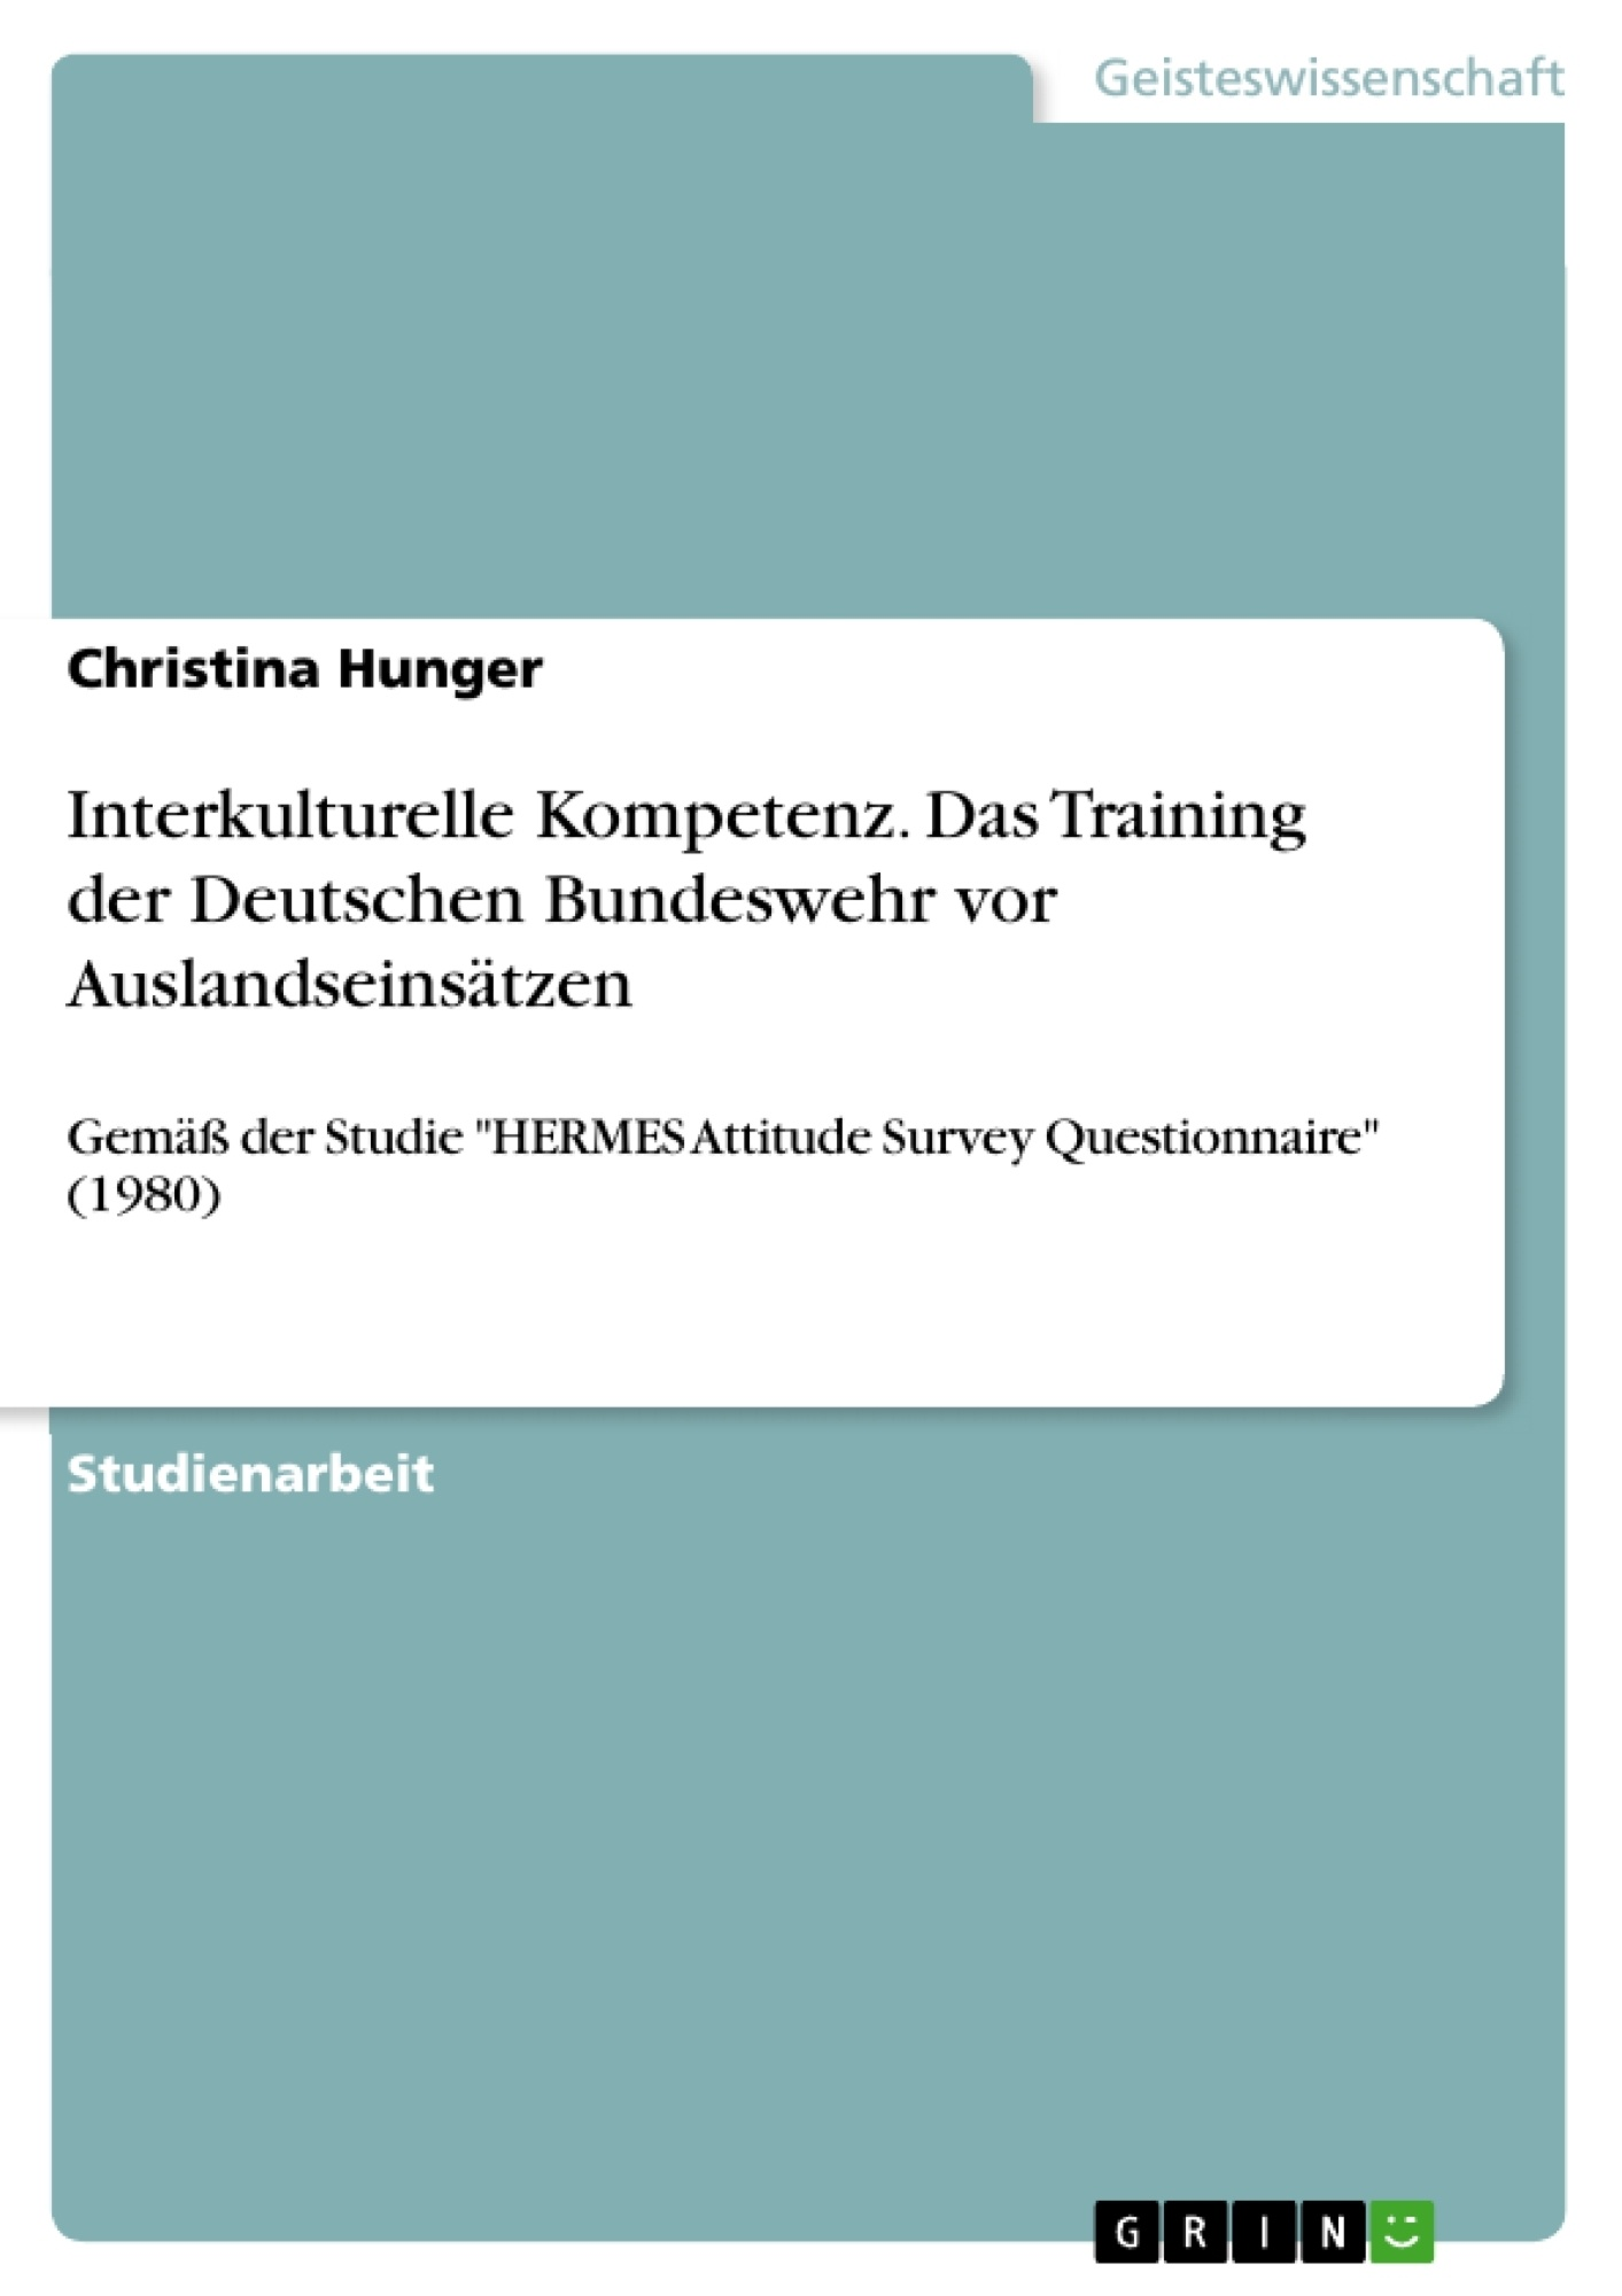 Titel: Interkulturelle Kompetenz. Das Training der Deutschen Bundeswehr vor Auslandseinsätzen